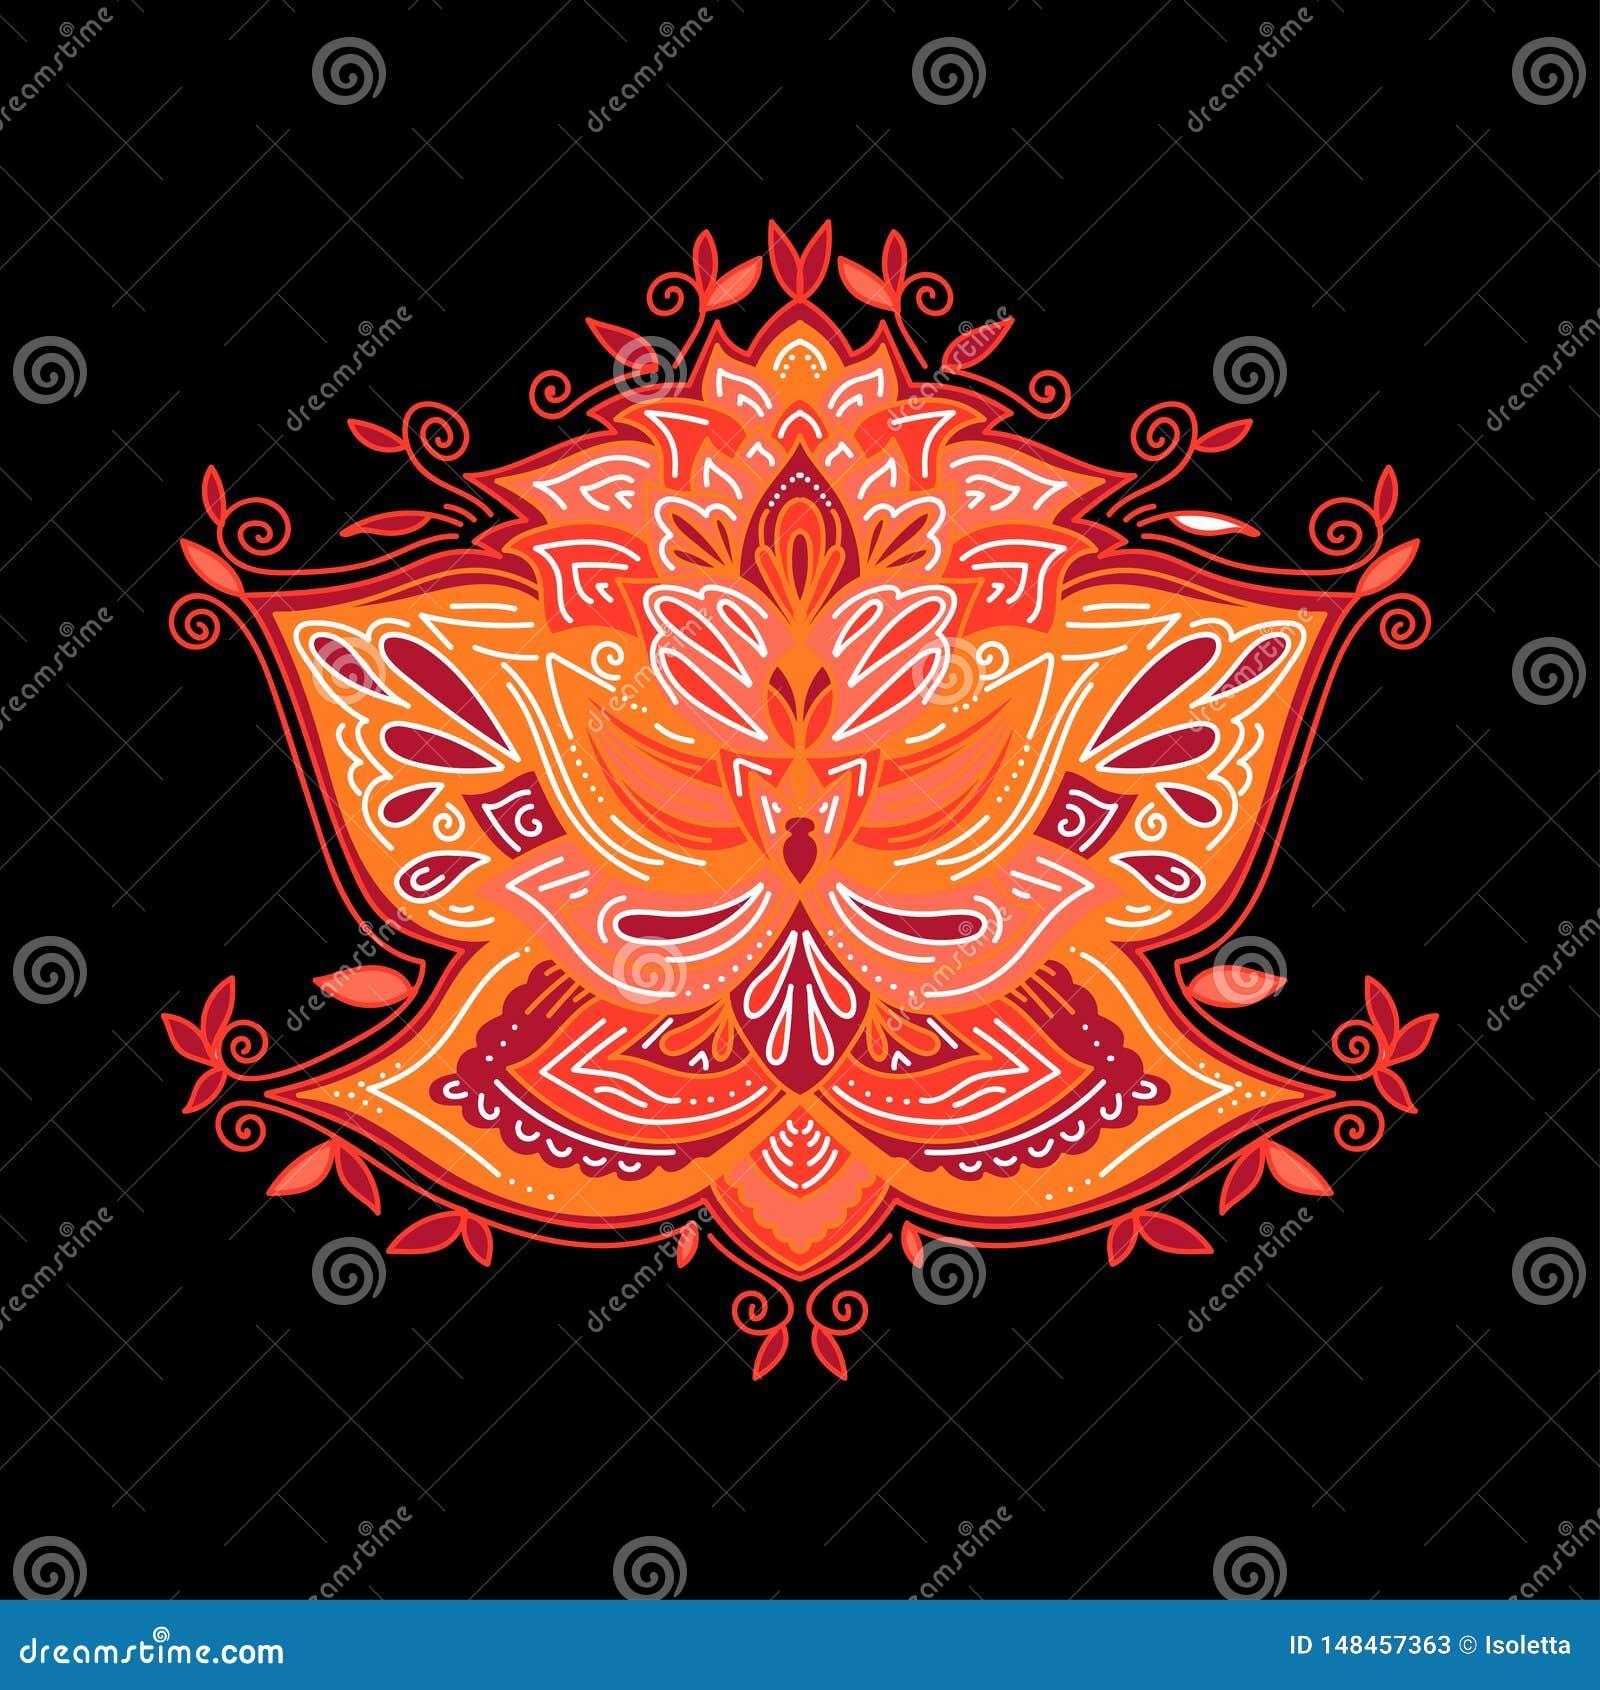 Dekoratives dekoratives Gestaltungselement der Zusammenfassung für Yogamatte, Abdeckung, Aufkleber, druckt Blumenmusterelement In